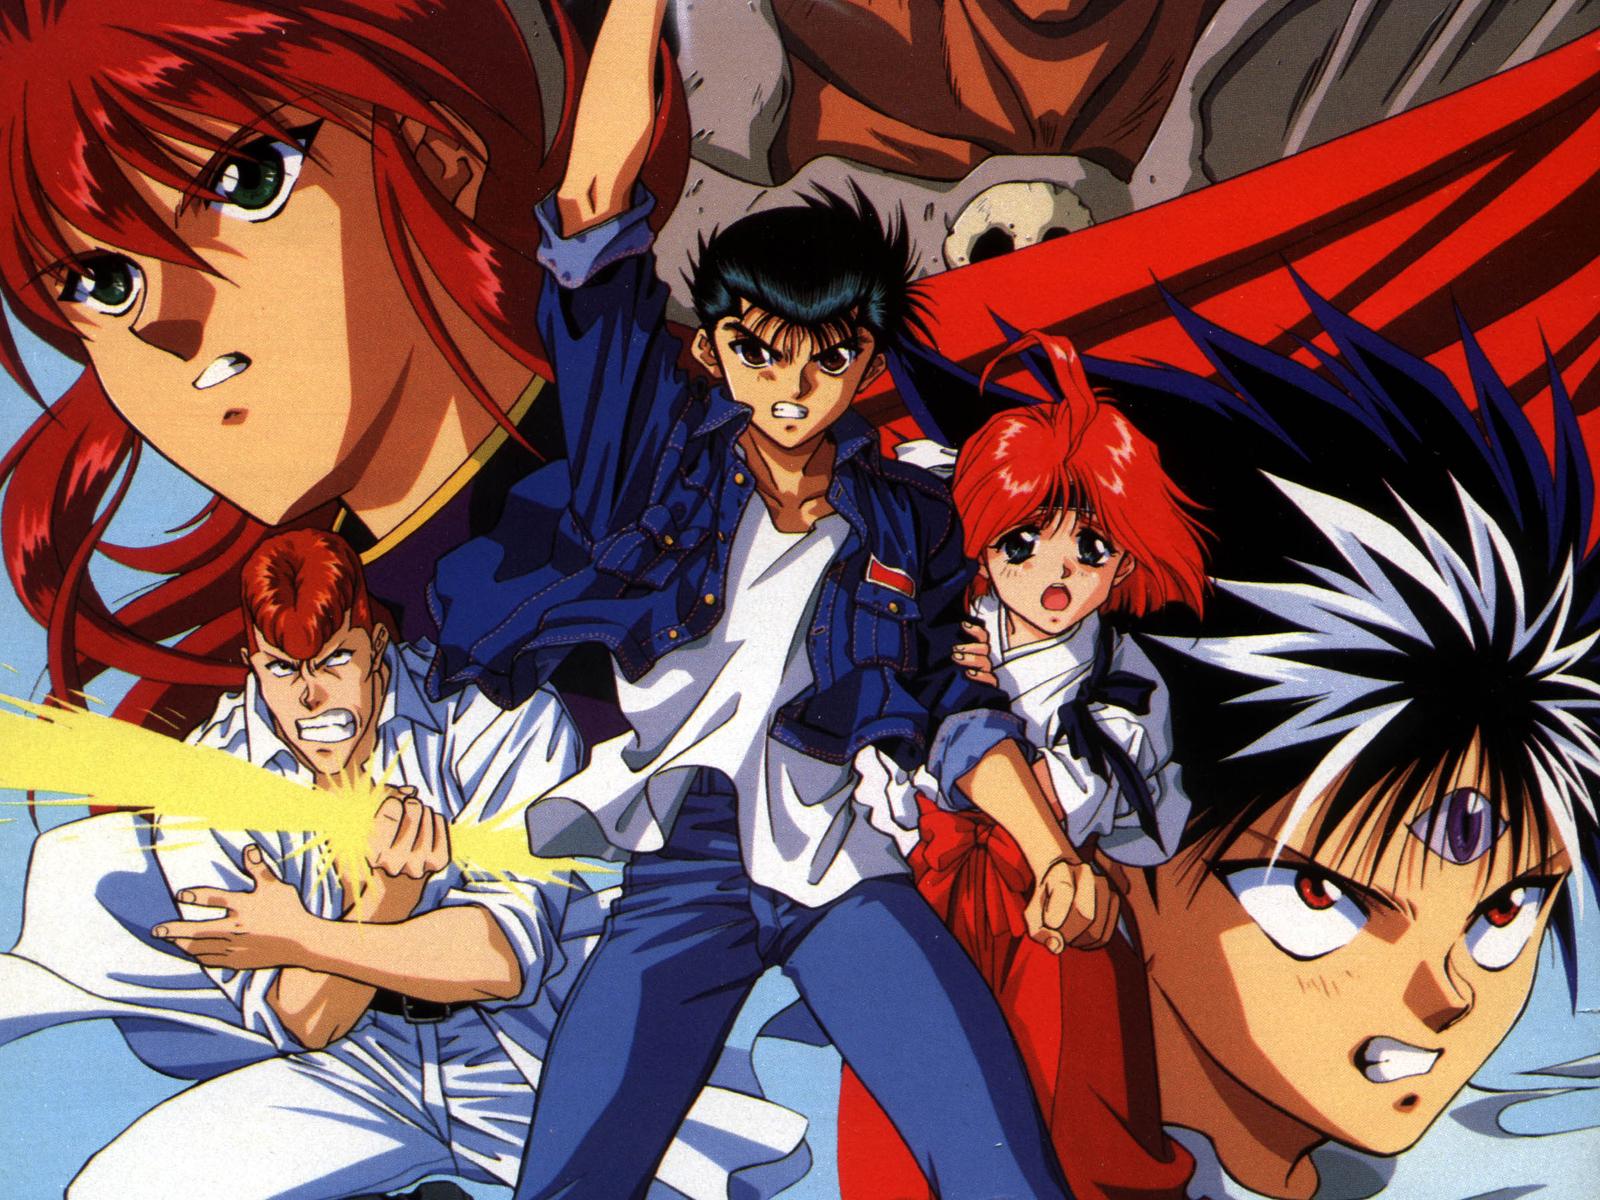 Yu.Yu.Hakusho.full.967118 - Dövüş Sanatları İçeren Anime Önerileri - Figurex Anime Önerileri